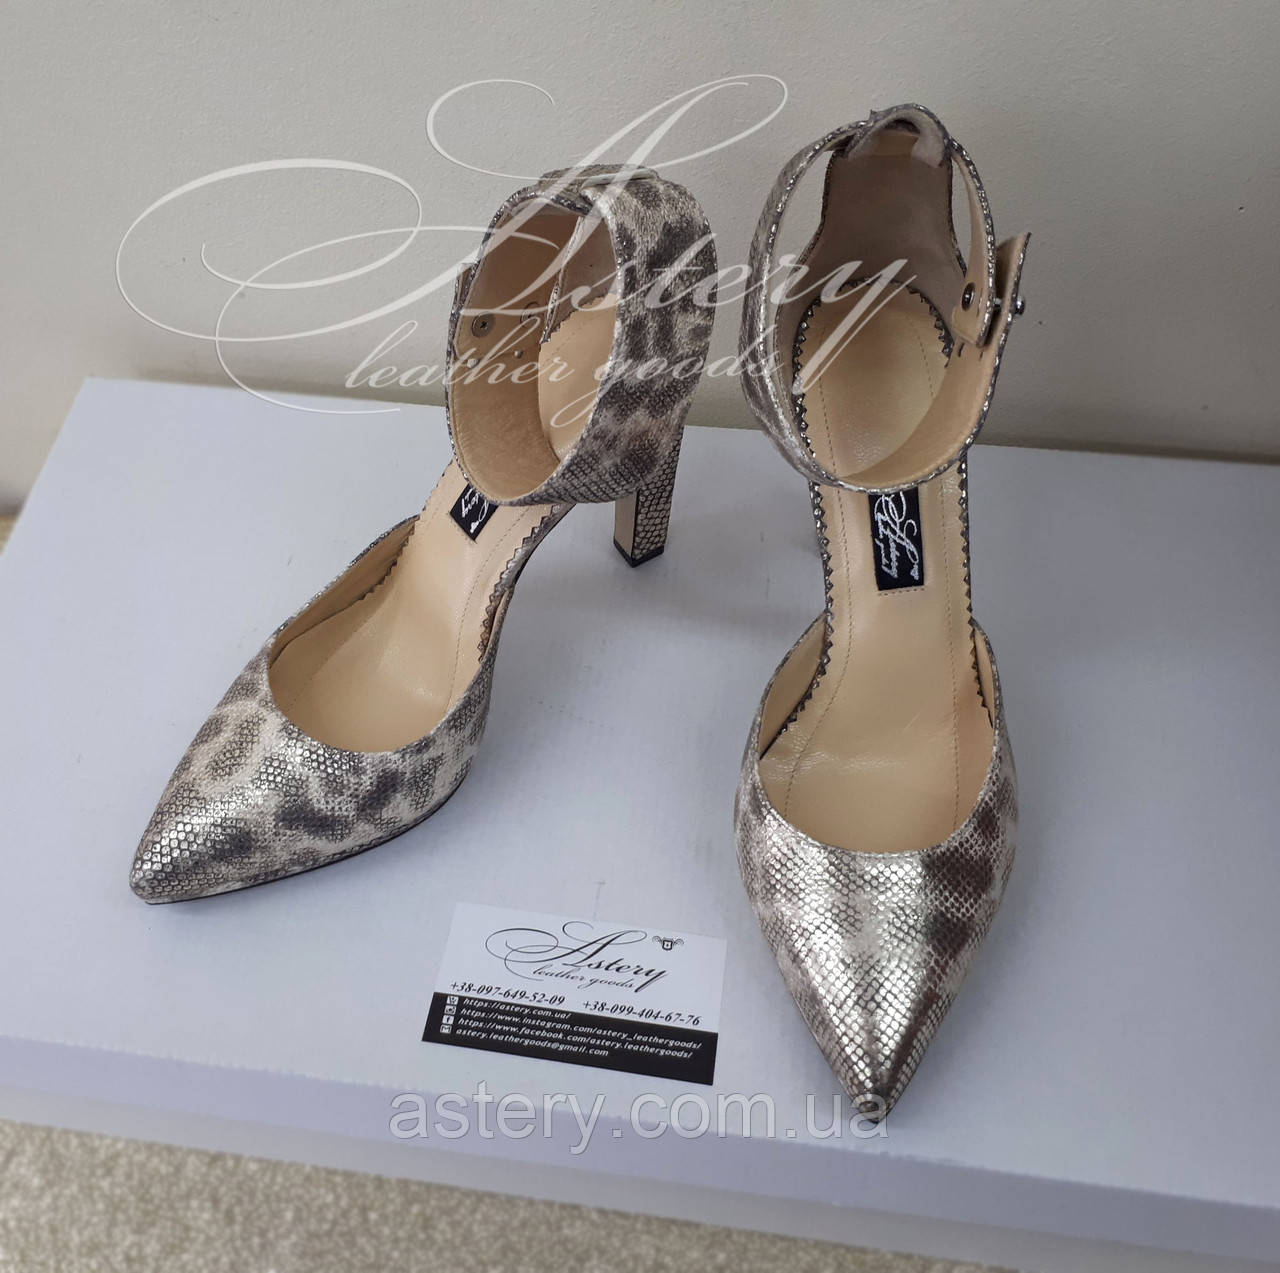 7941568dc Женские золотистые туфли на удобном ровном каблуке из кожи со змеиным  принтом, цена 3 570 грн./пара, купить в Киеве — Prom.ua (ID#693633496)